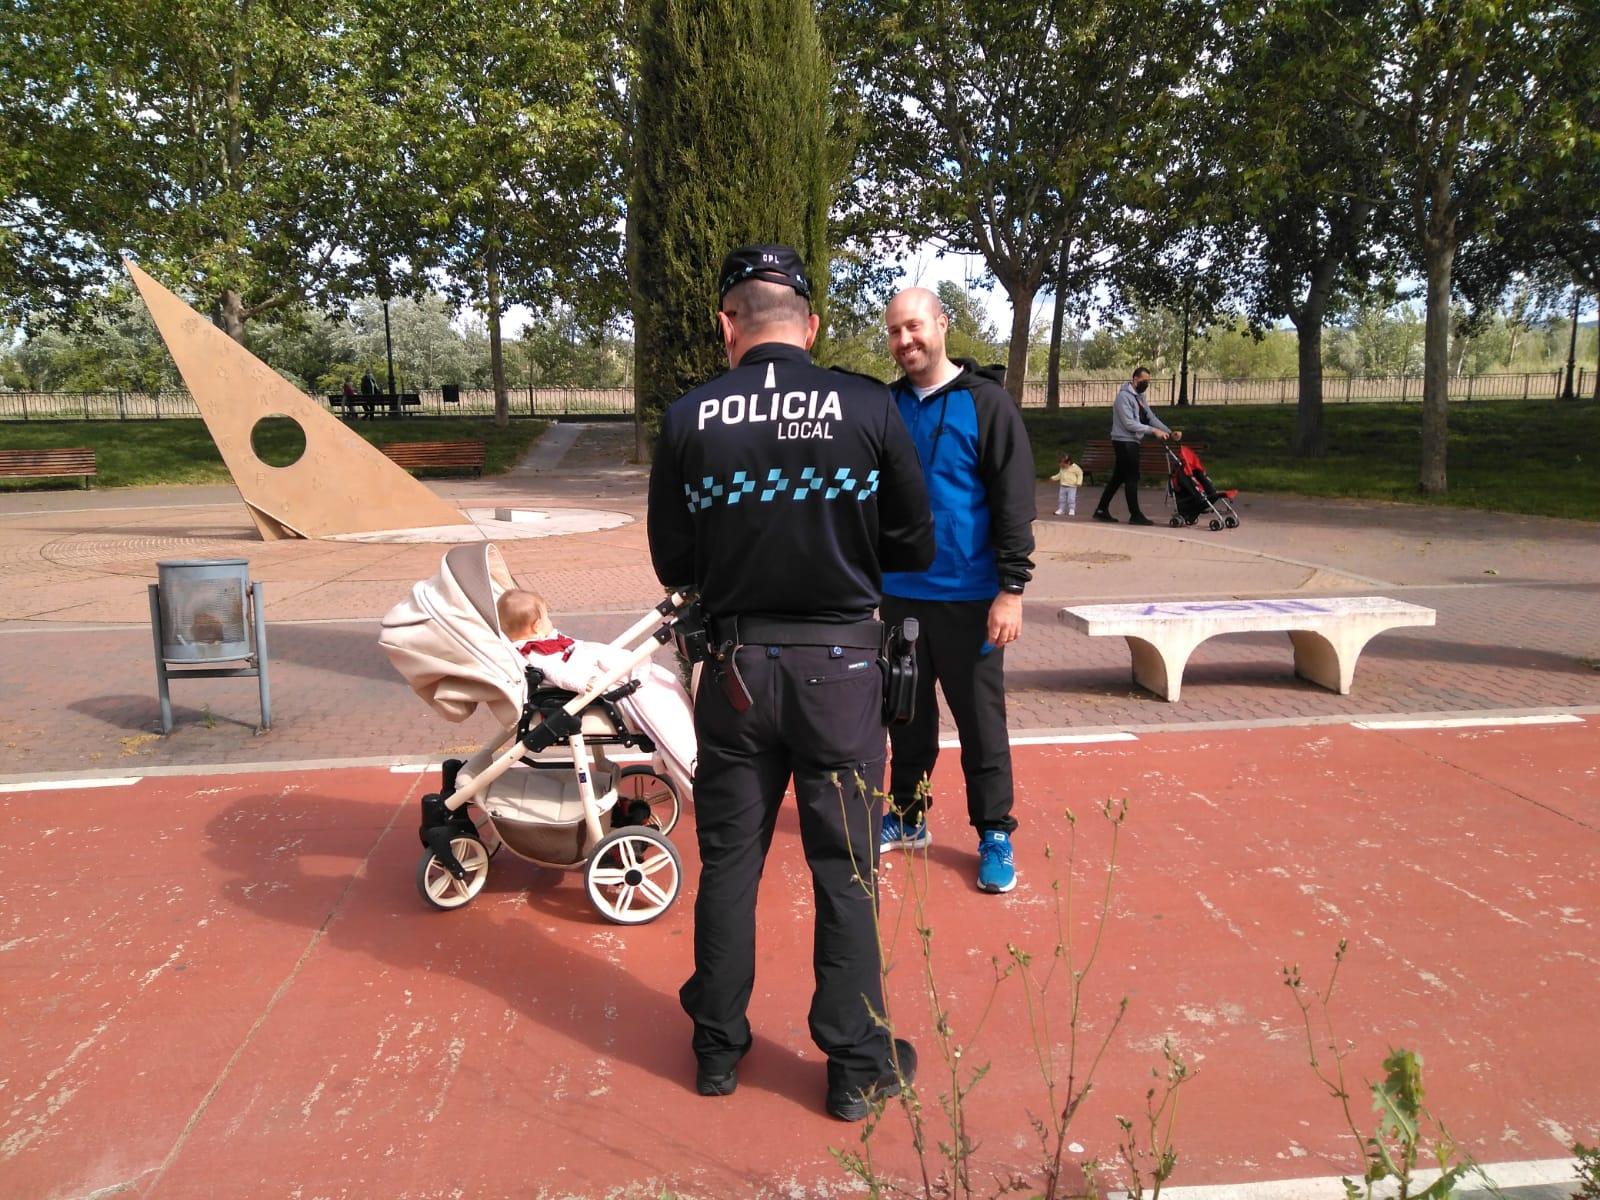 La Policía Local impone 33 denuncias, cerca de la mitad por no usar mascarilla y aumentan las sanciones por incumplir el horario nocturno